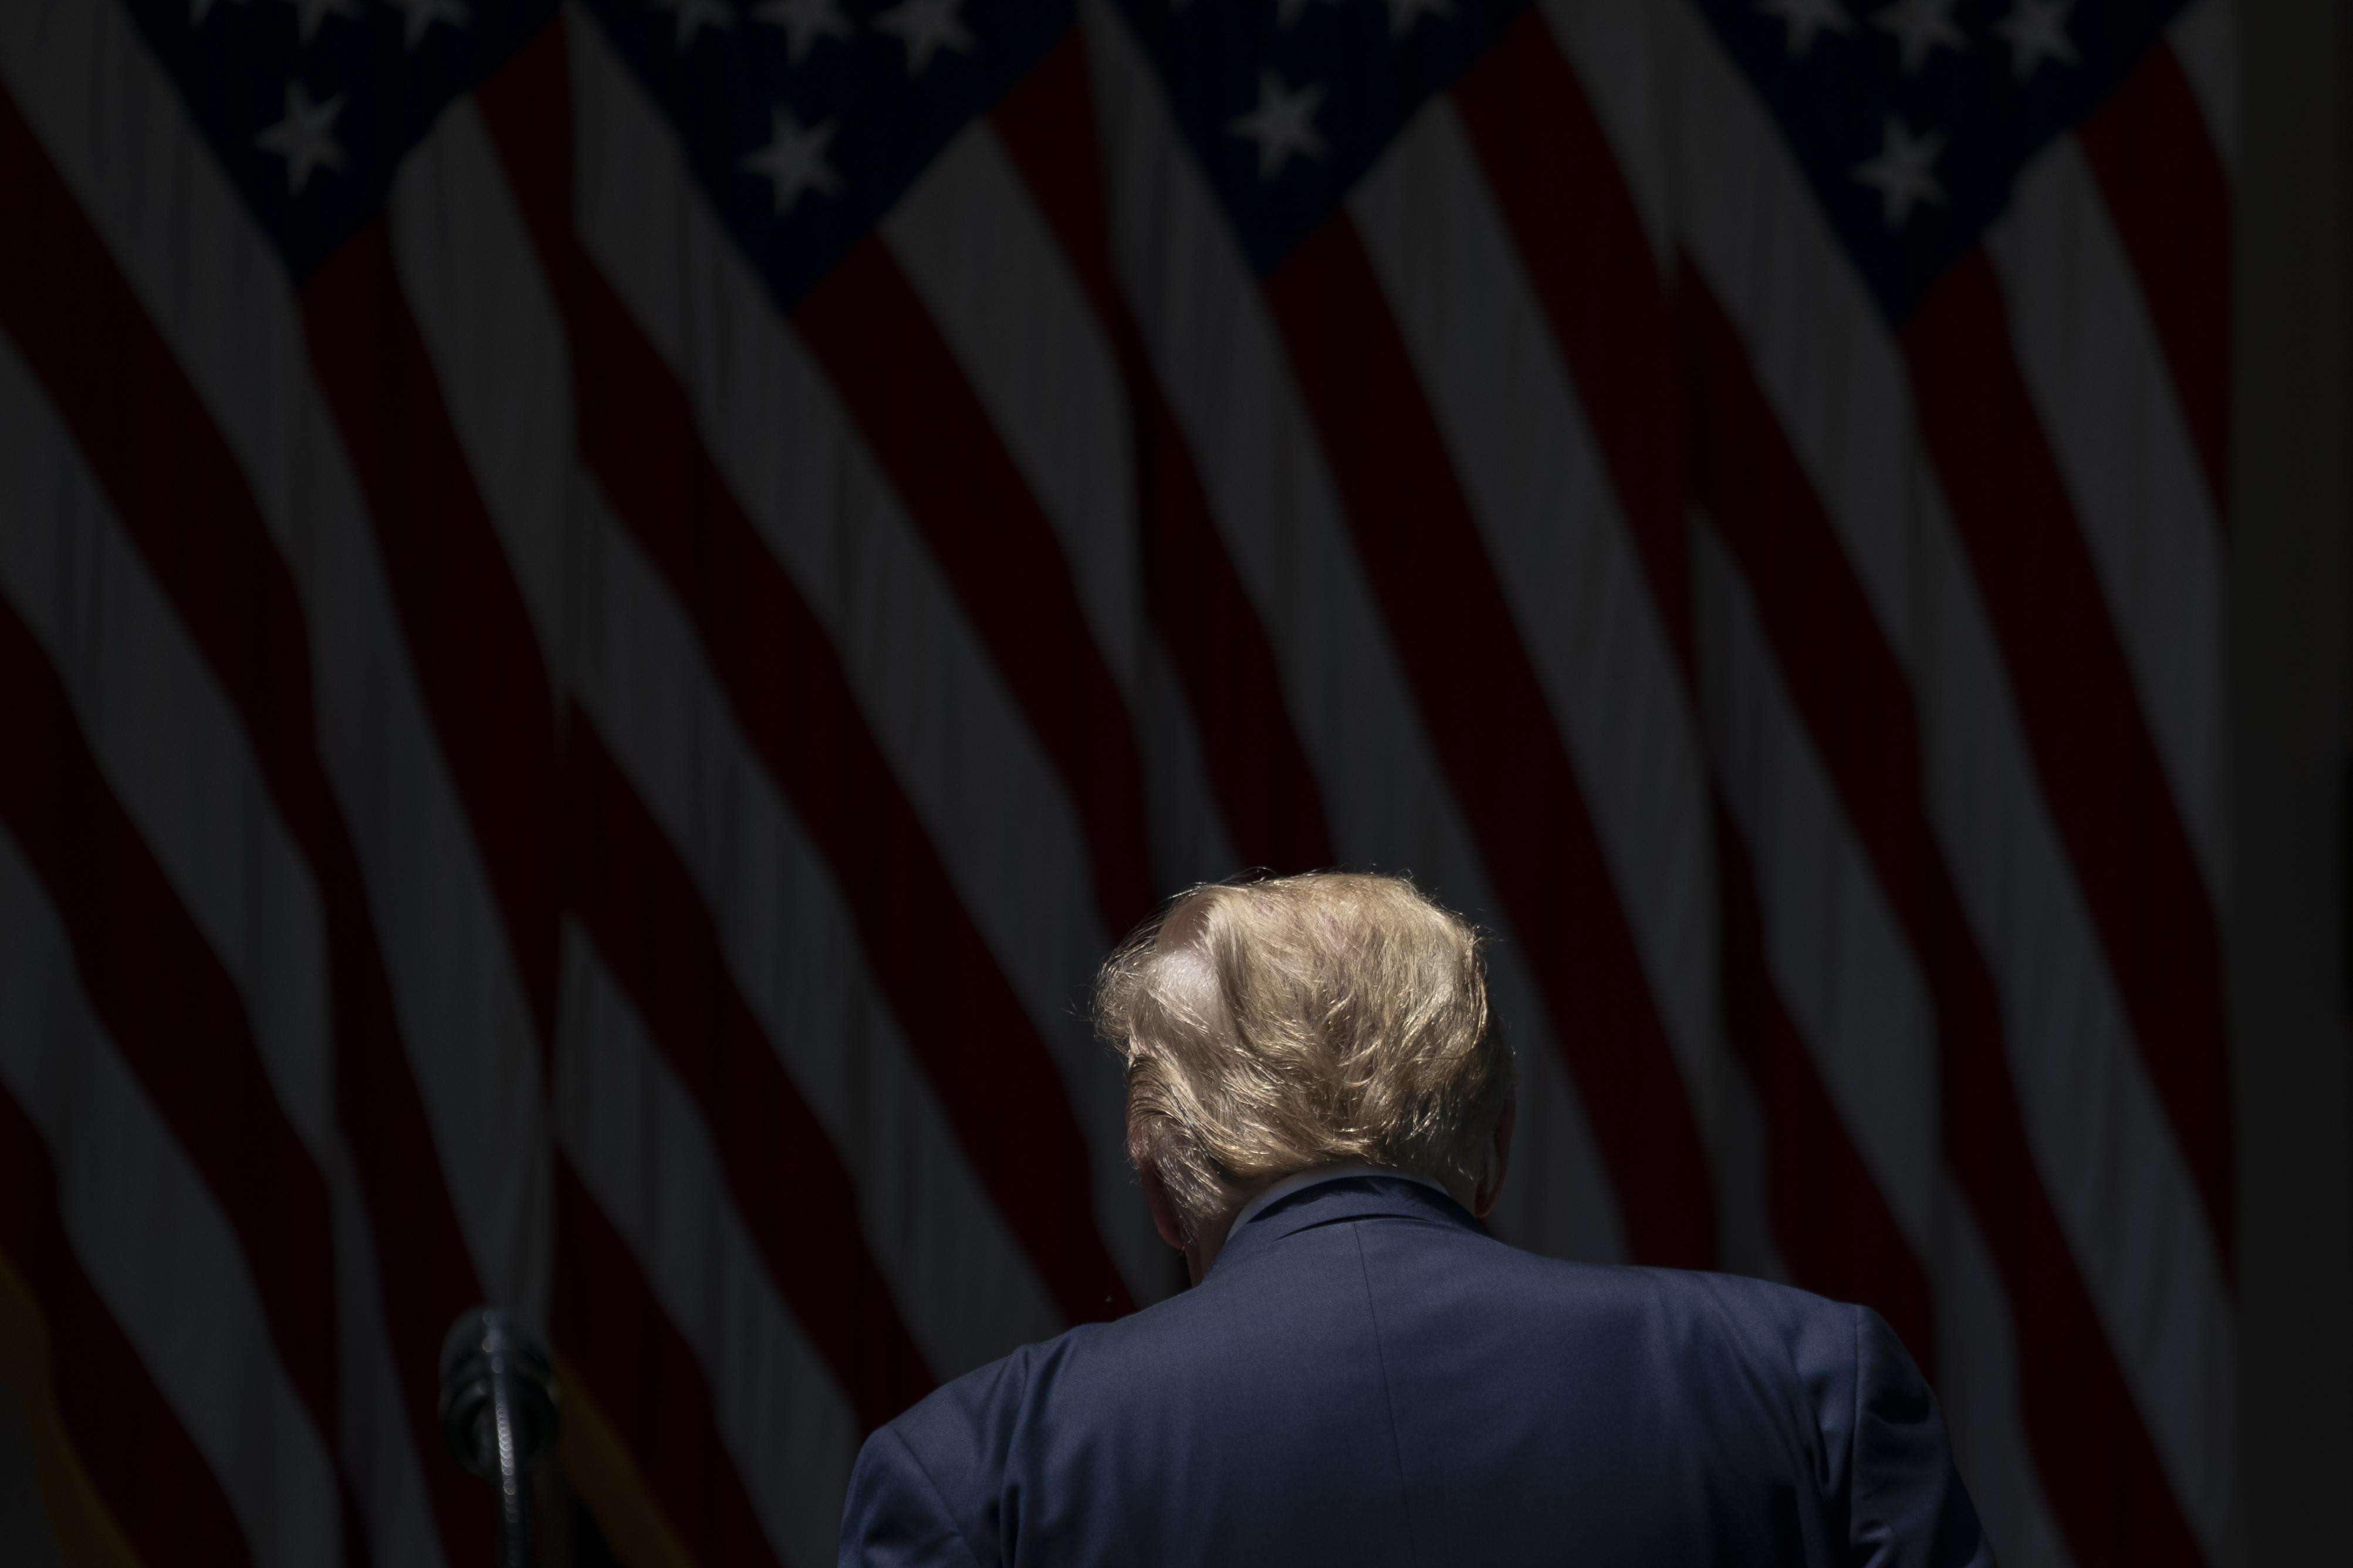 Trump elnöki rendeletet fog hozni a közösségi médiáról, de nem tudni, mi lesz benne